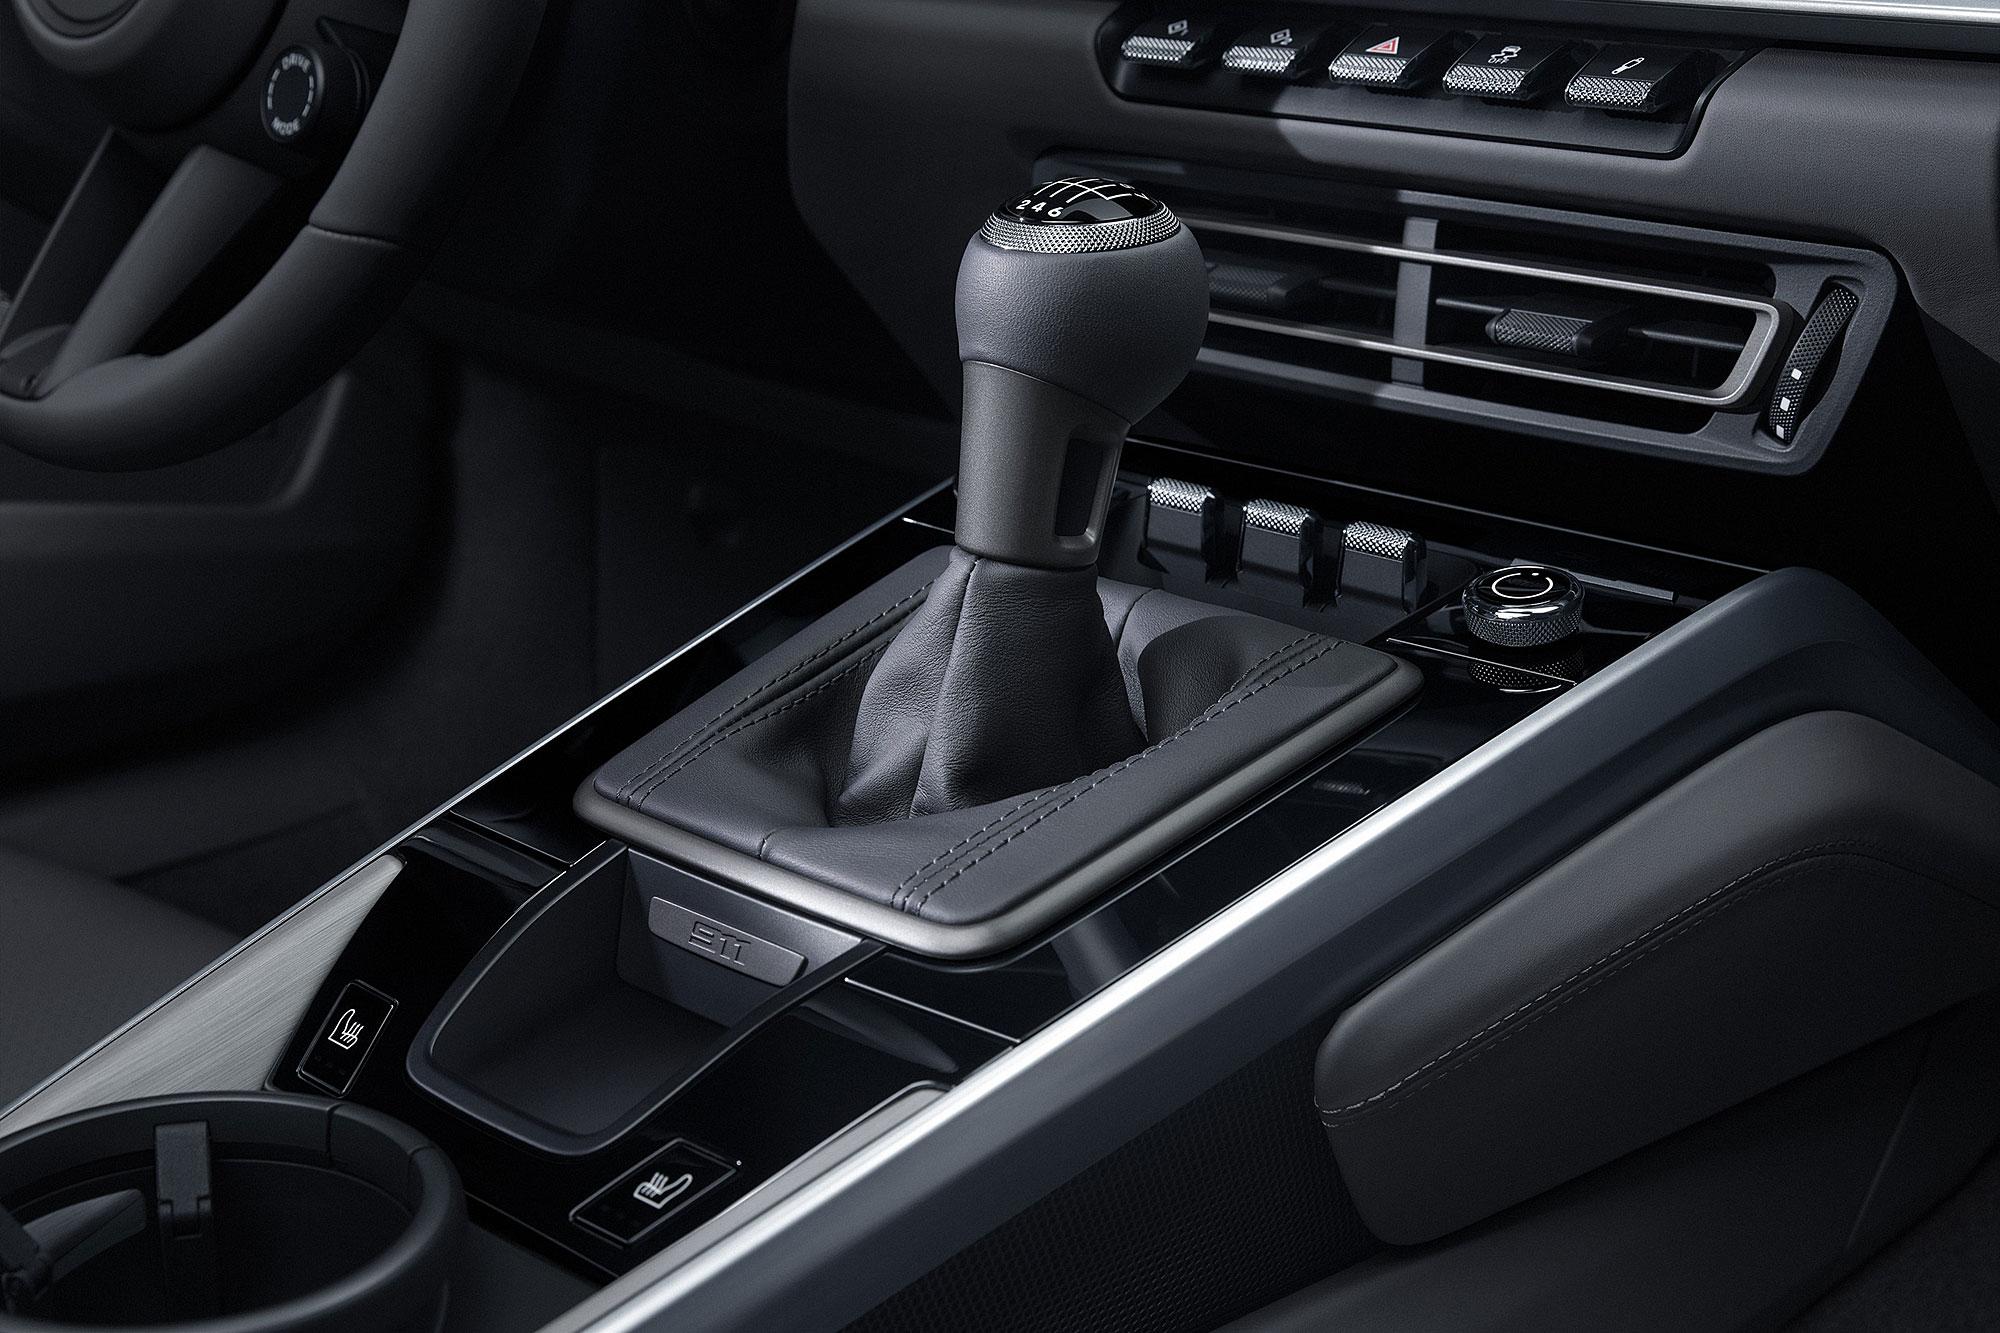 Typ 992 世代 911 的手排選項 2020 年正式報到。